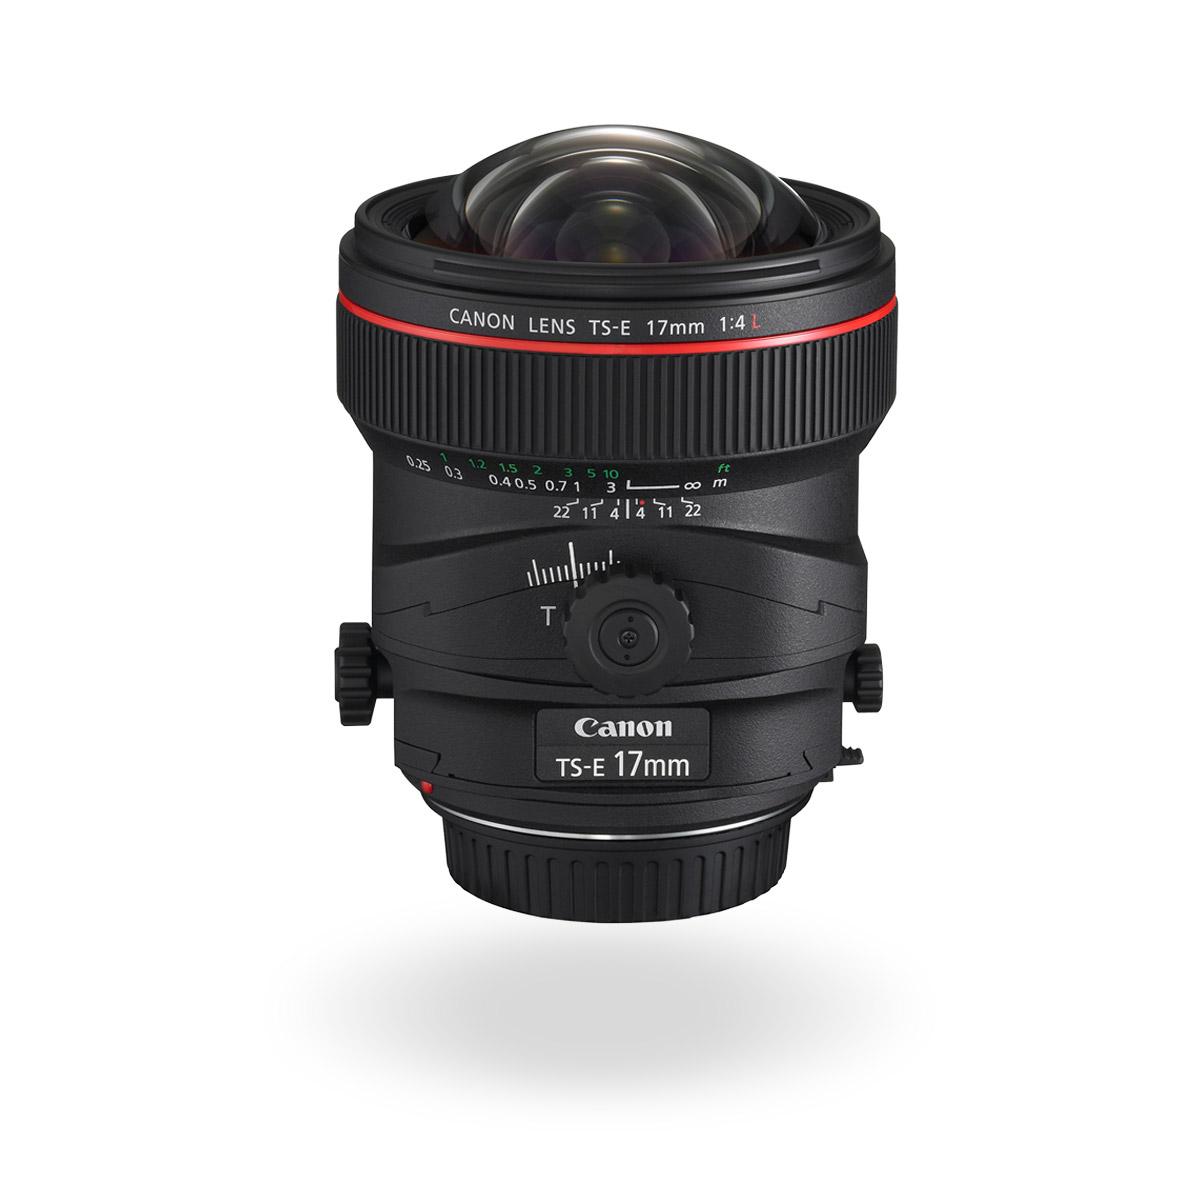 TS-E 90mm f/2.8 Tilt Shift lens